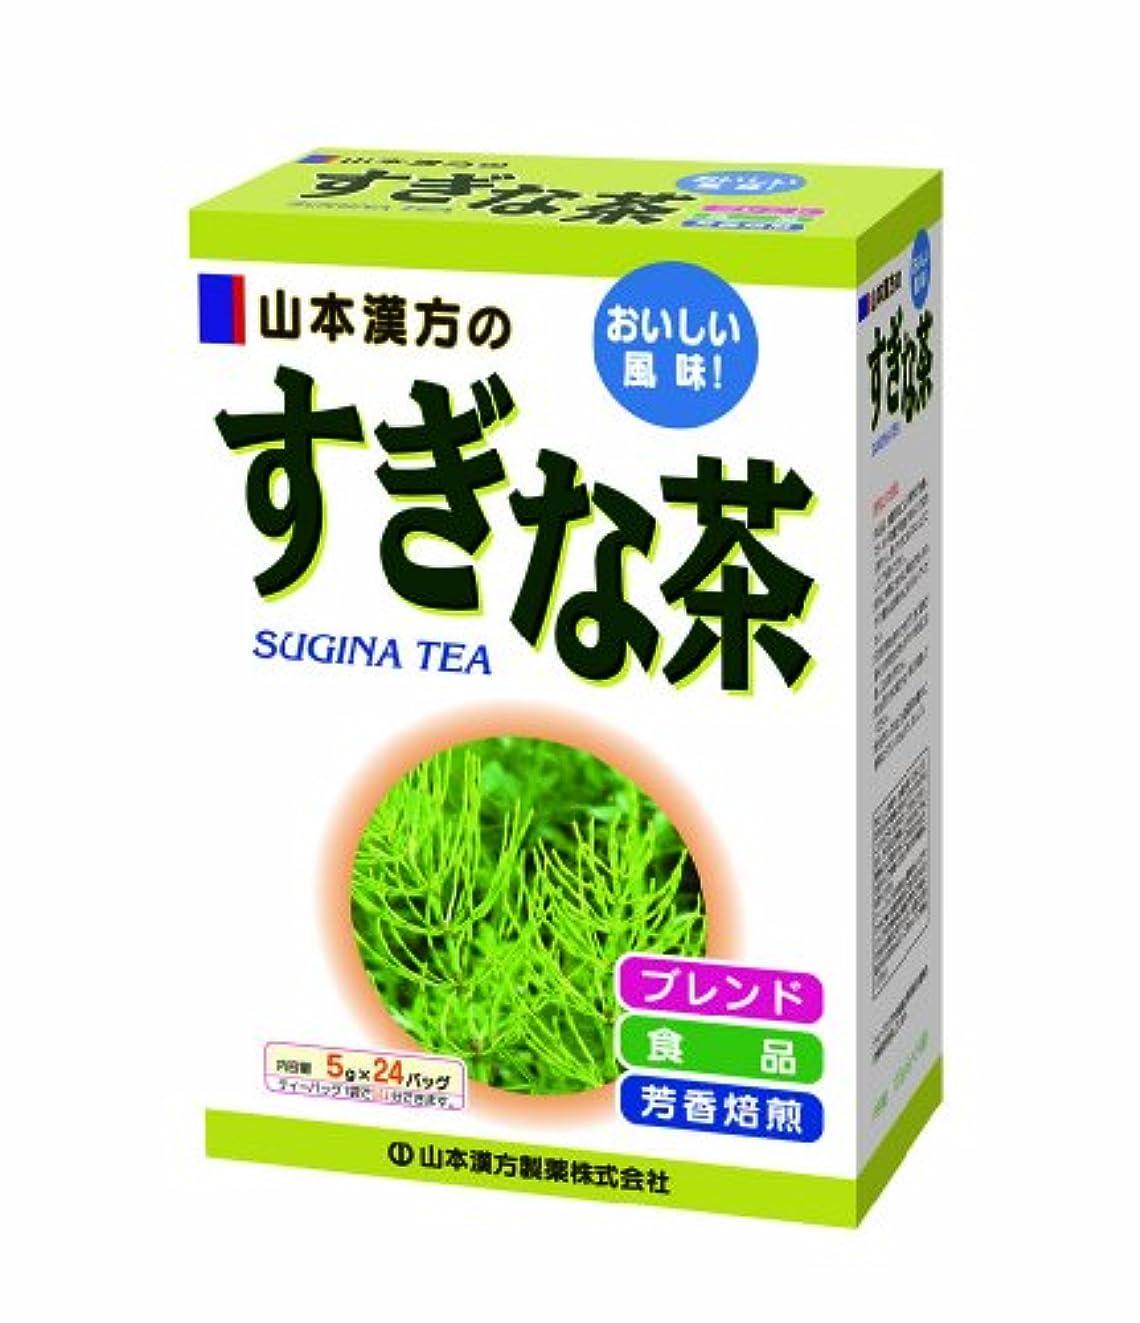 引き出し空洞本当のことを言うと山本漢方製薬 すぎな茶 5gX24H